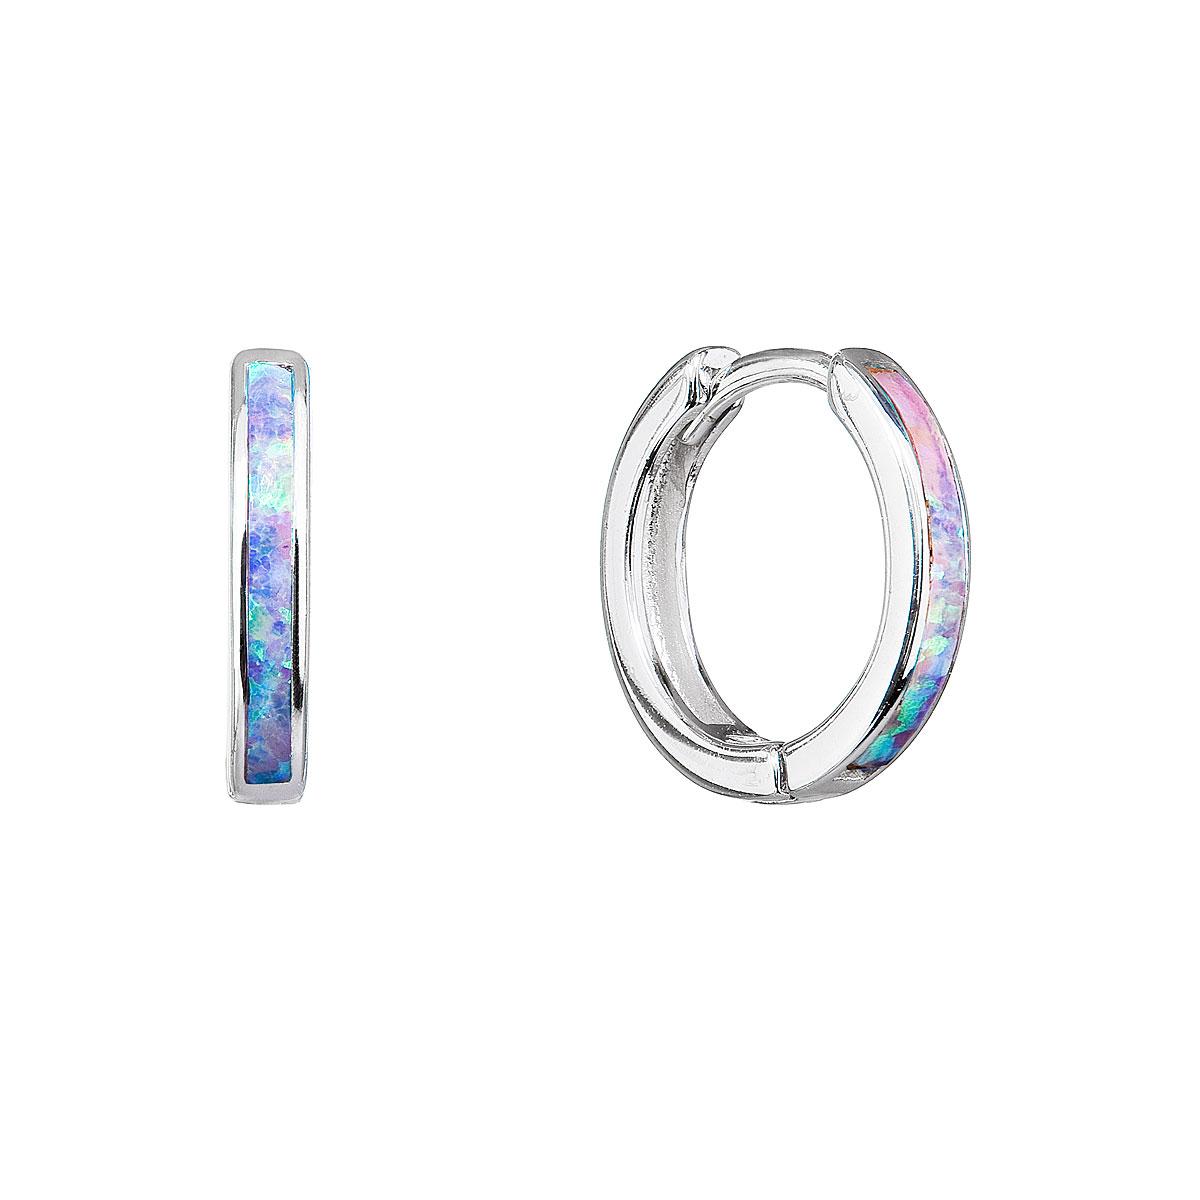 Strieborné náušnice kruhy so syntetickým opálom dúhové 11403.3